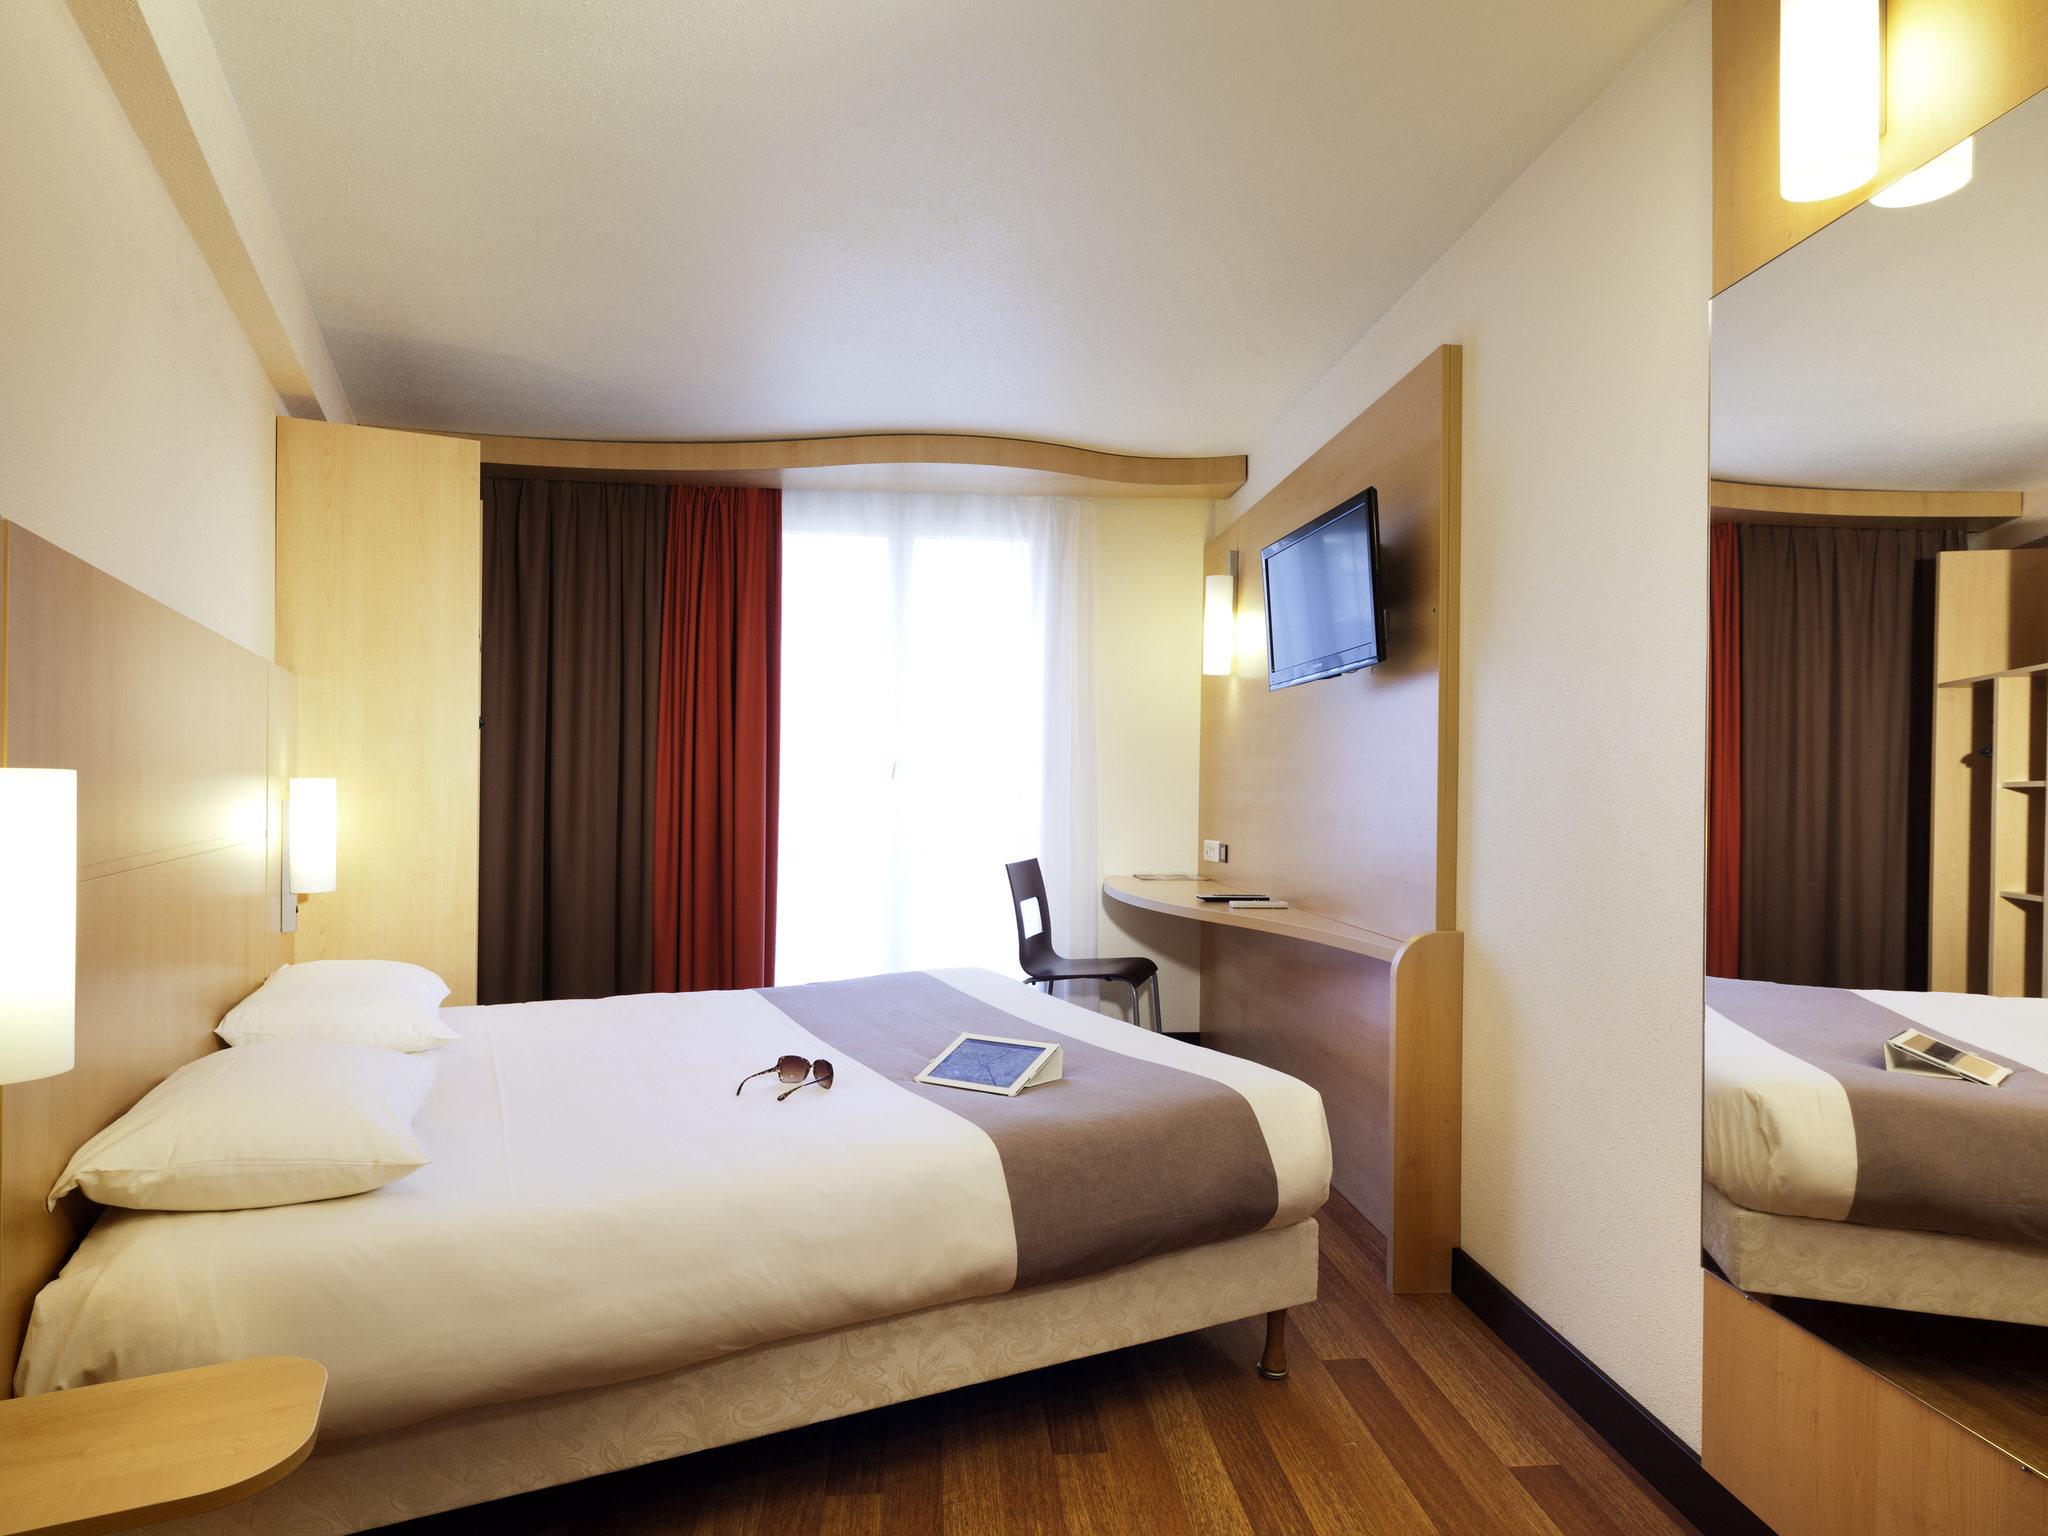 Accor Hotel Gare De Lyon